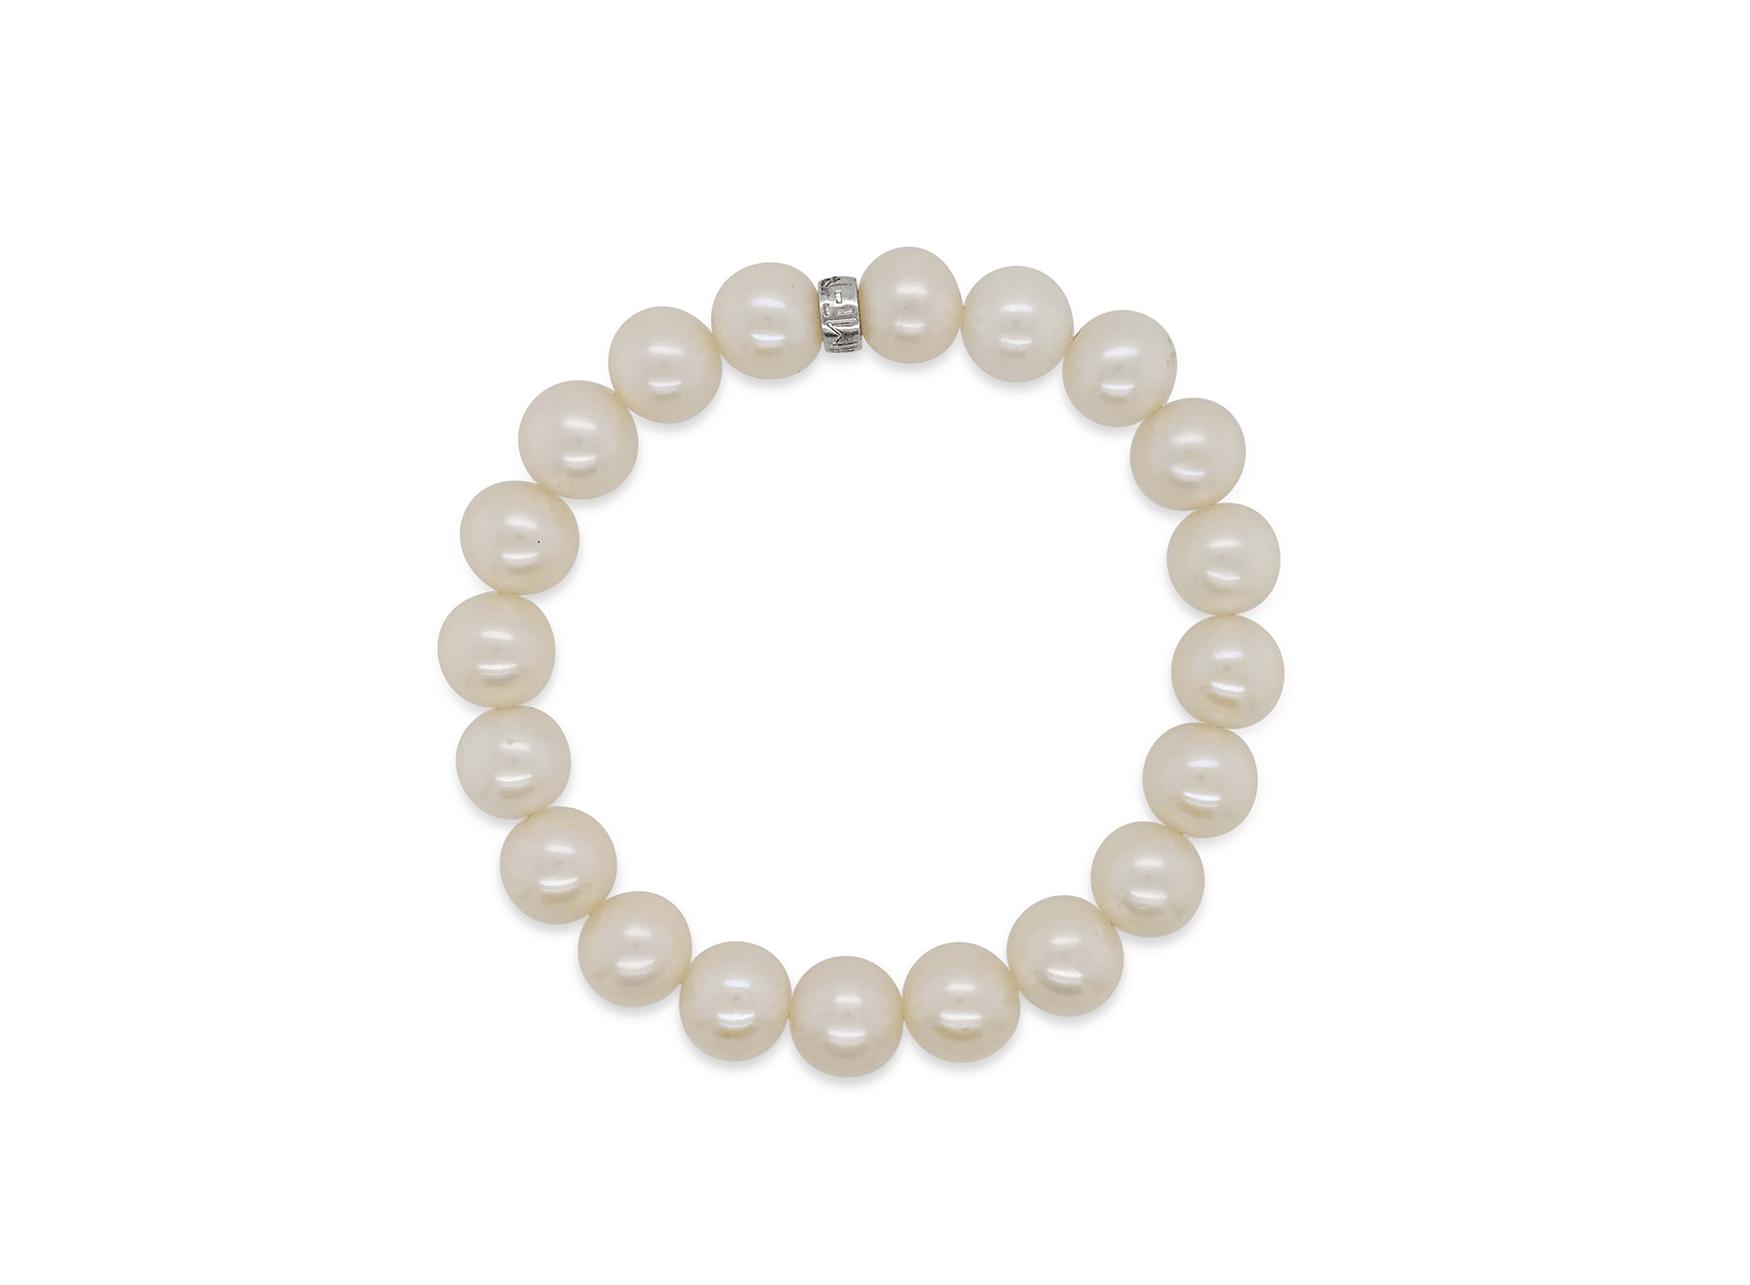 MIMI Pulsera Elastica Perlas Blancas